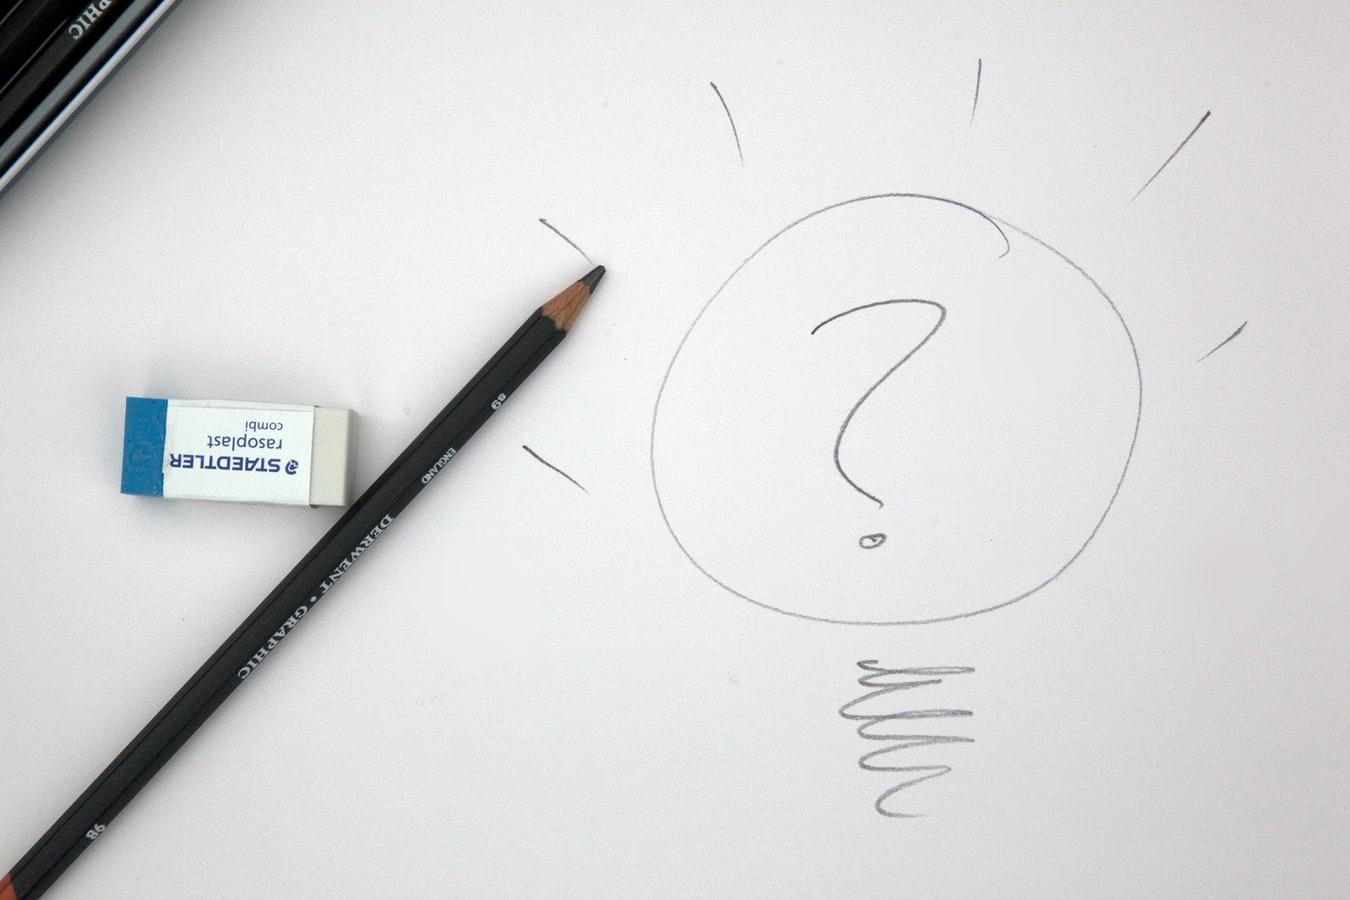 Vemos um lápis e uma borracha sobre uma folha de papel branco. À direita dos objetos temos um desenho de uma lâmpada (simbolizando uma ideia) com um ponto de interrogação dentro (imagem ilustrativa). Texto: mercado de beleza.